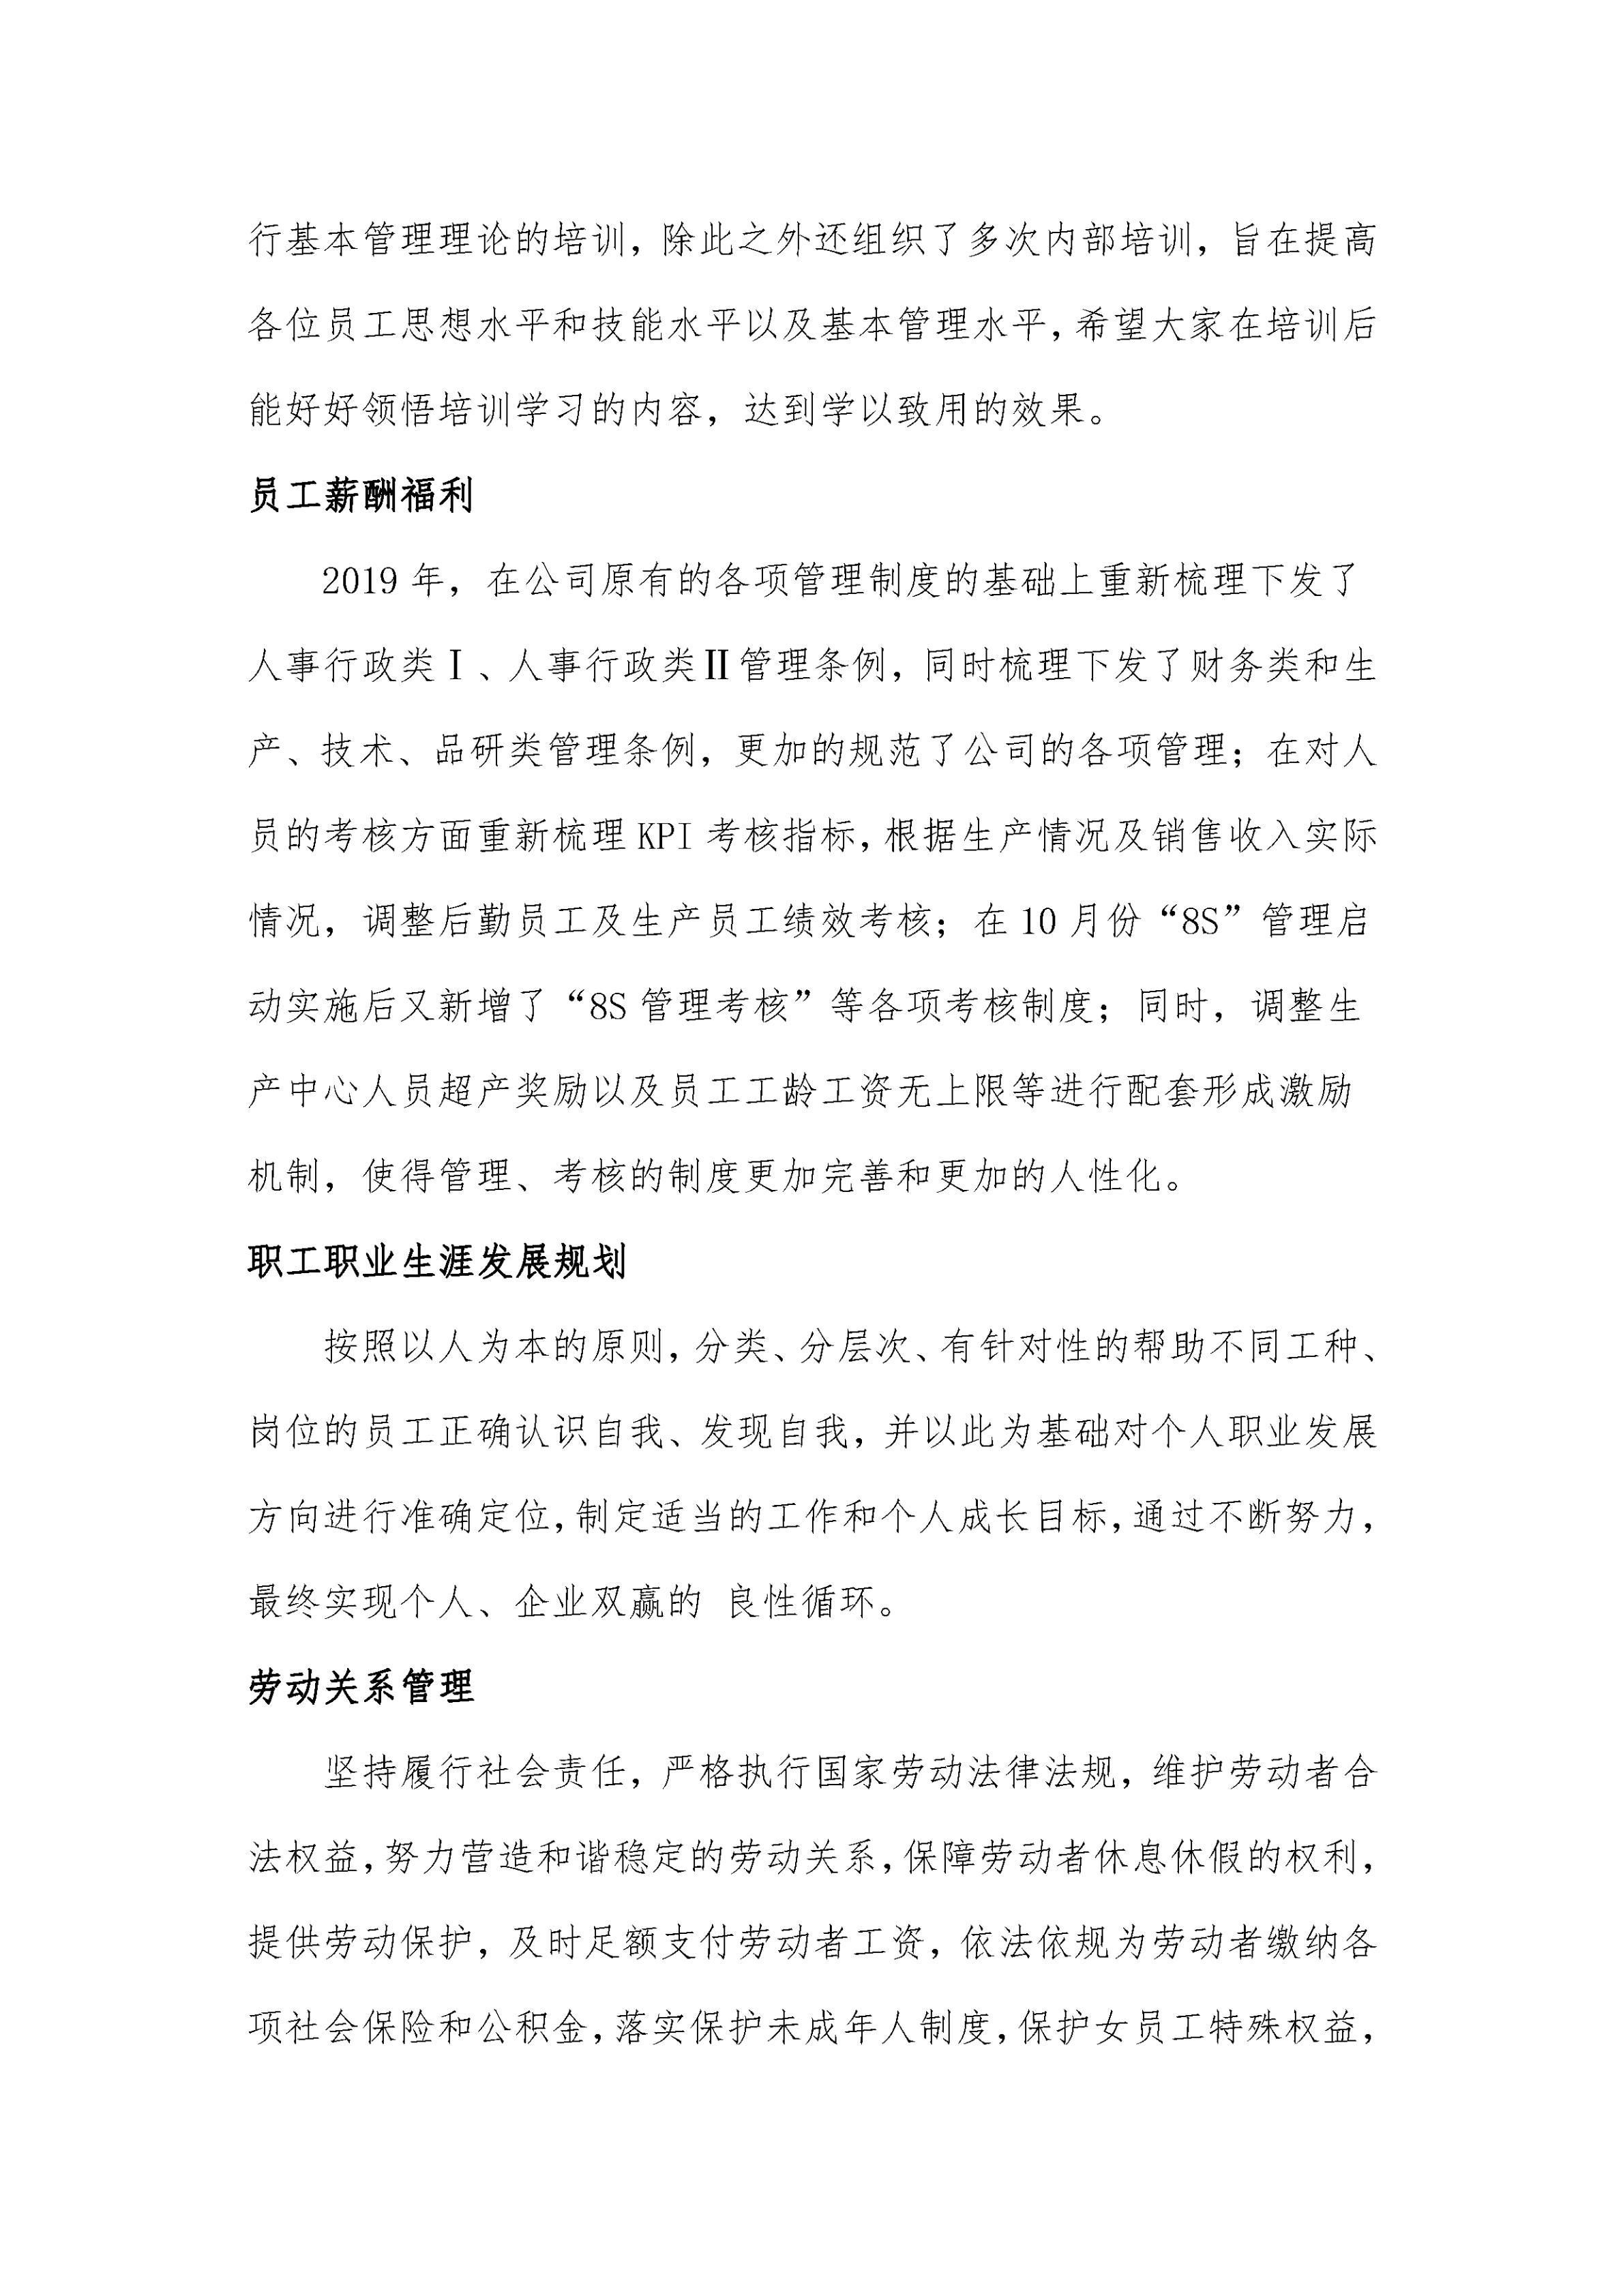 云南理世实业(集团)有限责任公司2019年社会责任报告.FR11_13.jpg